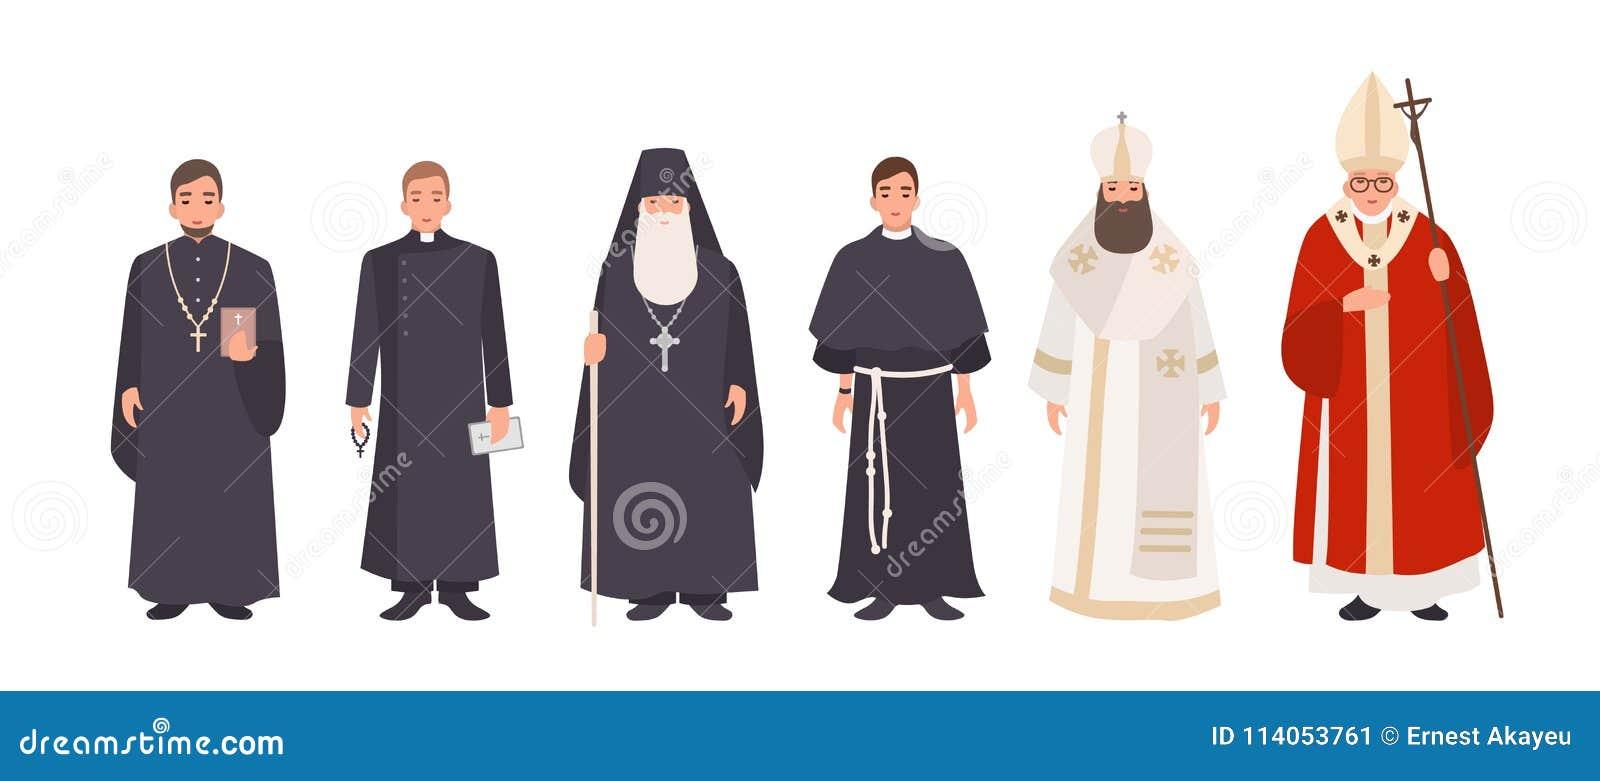 Sammlung Mönche, Priester und religiöse Führer von katholischen und orthodoxen christlichen Kirchen Bündel Geistliche oder